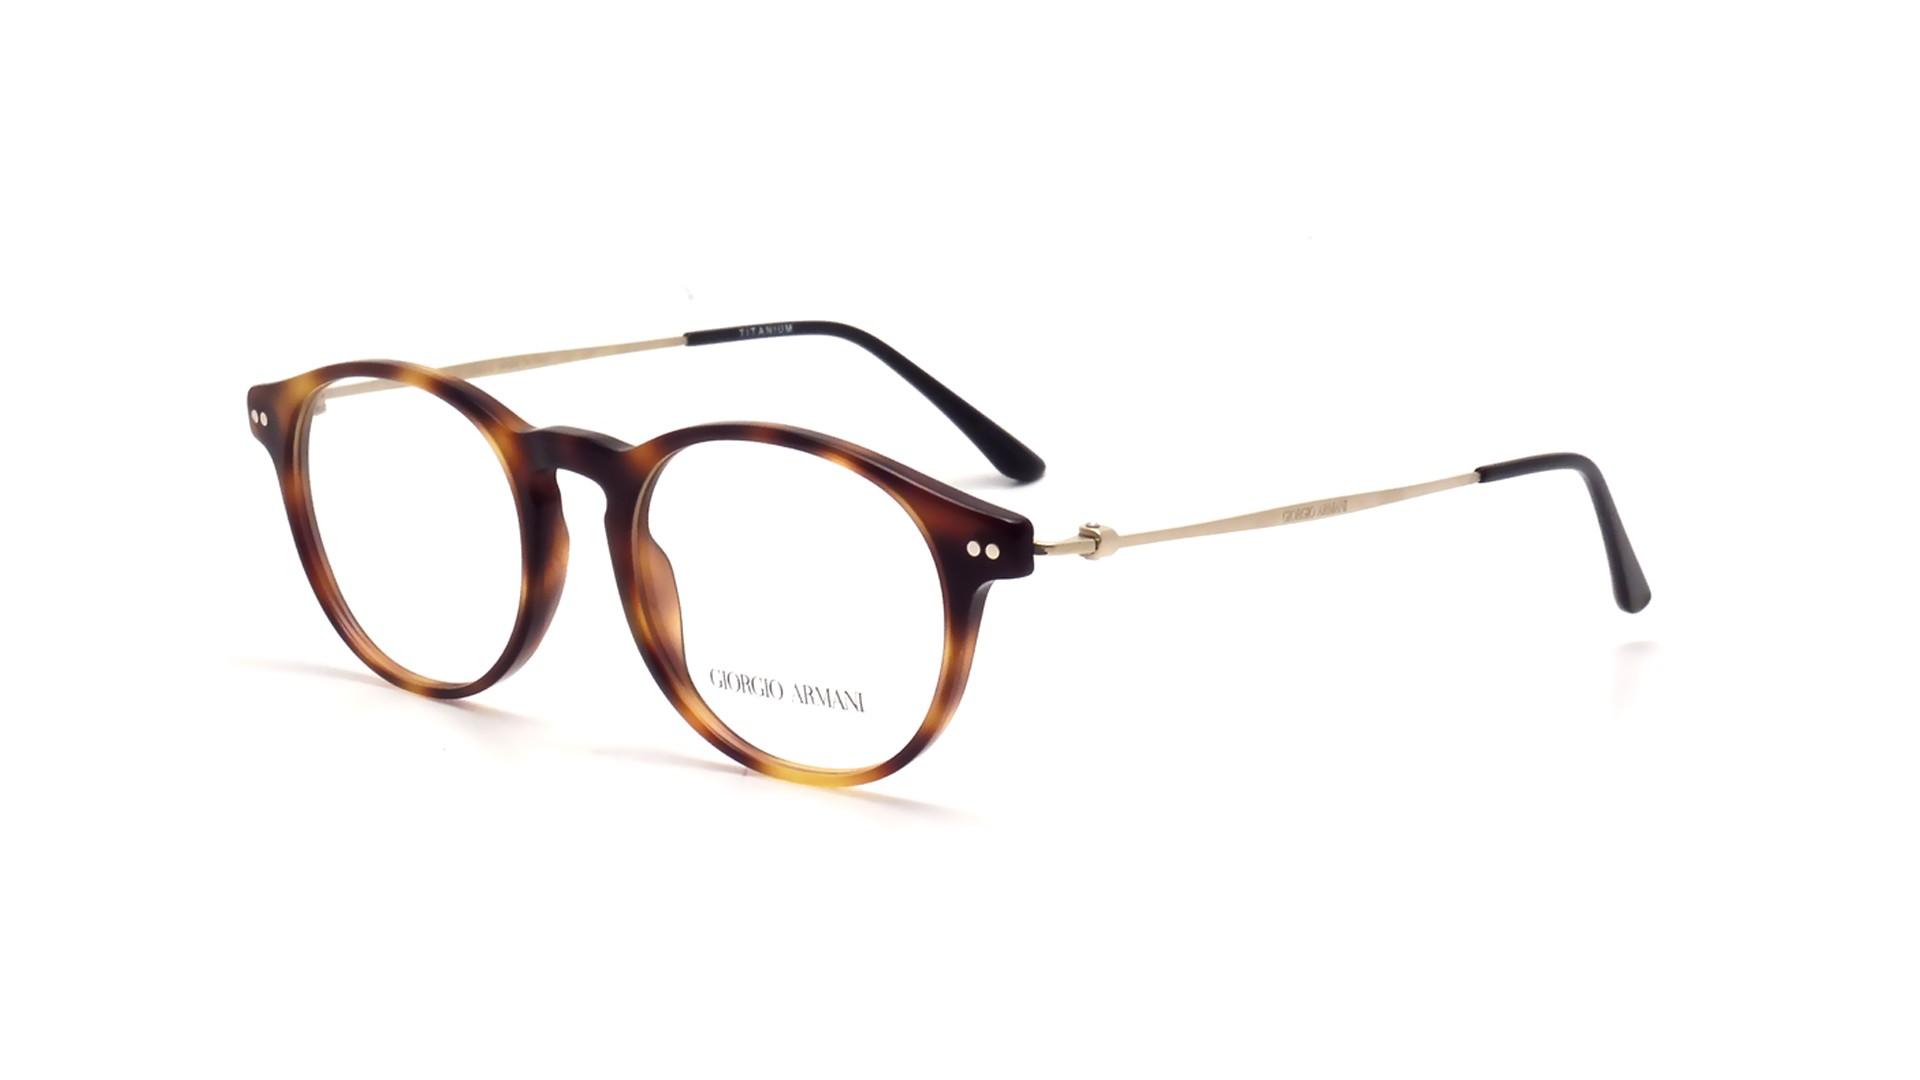 a03eafaa6a1c Giorgio Armani Frames Of Life Eyeglasses « Heritage Malta